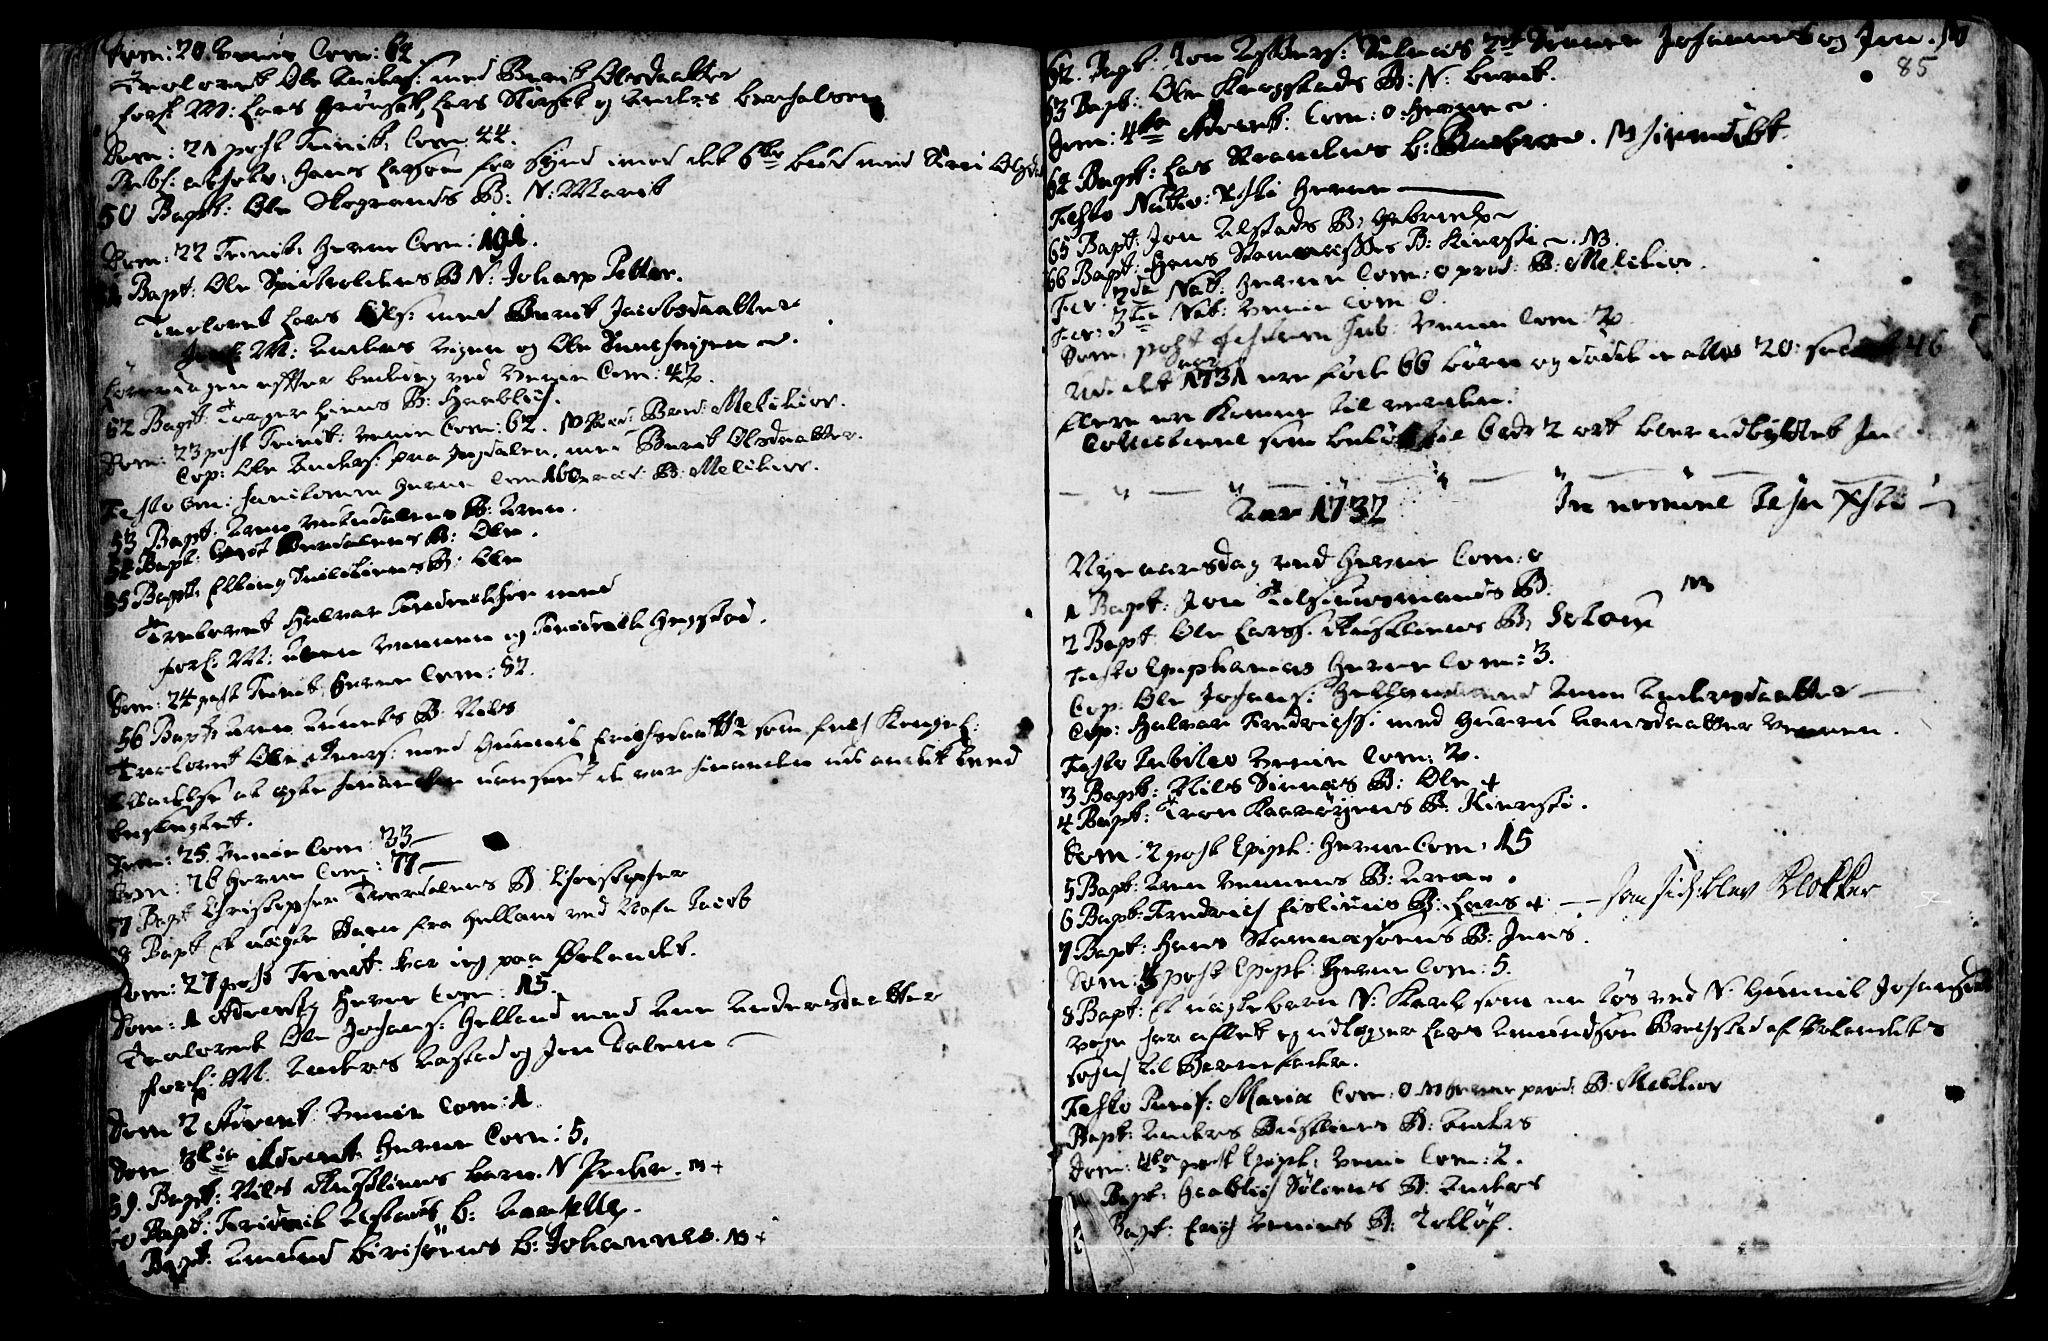 SAT, Ministerialprotokoller, klokkerbøker og fødselsregistre - Sør-Trøndelag, 630/L0488: Ministerialbok nr. 630A01, 1717-1756, s. 84-85